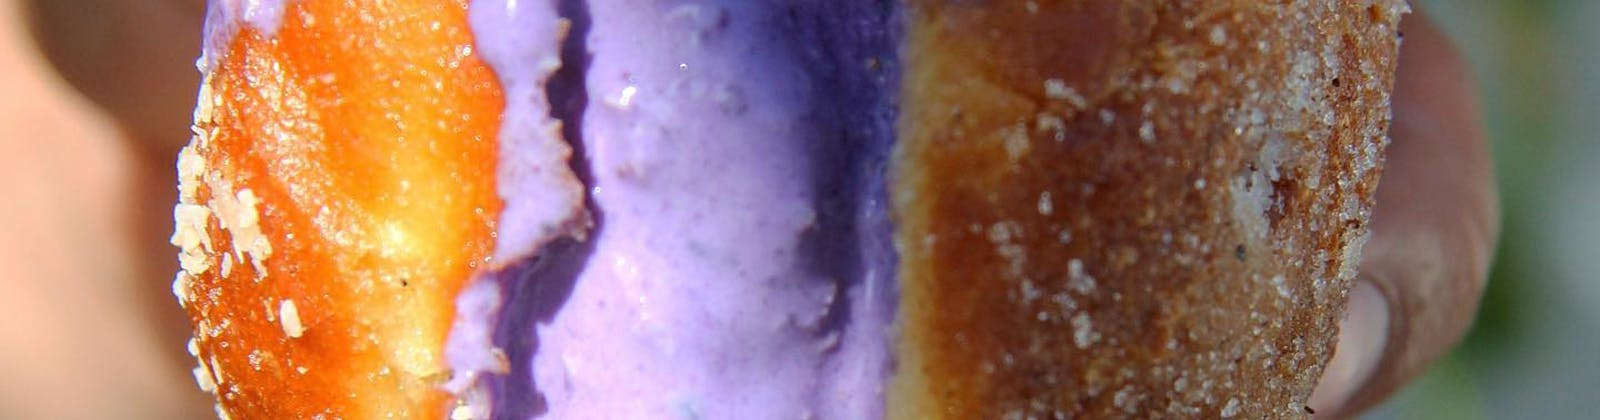 Ube Donut by Hapunan